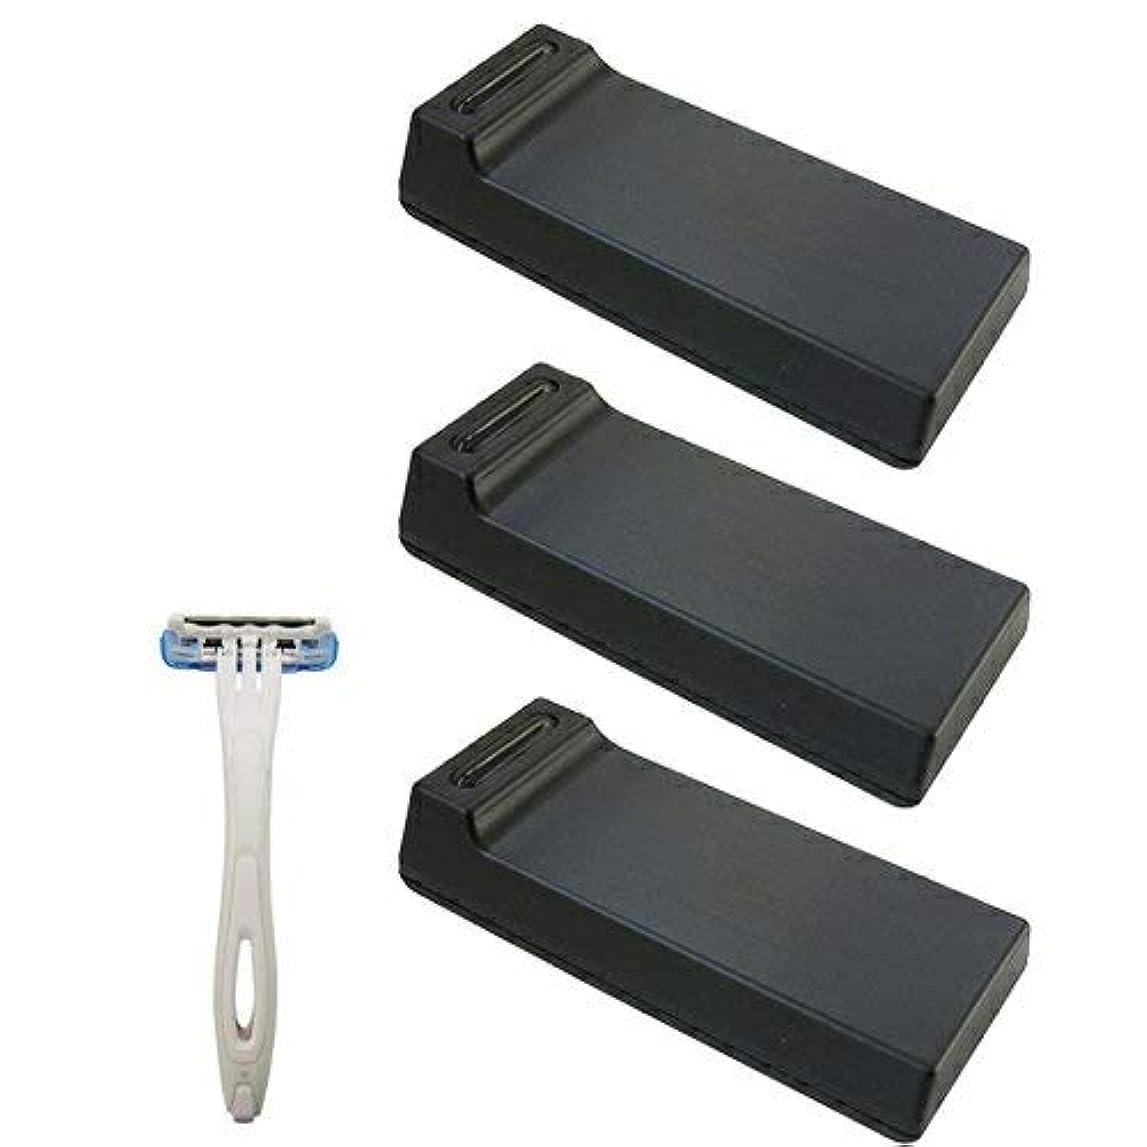 脳第九平和な【3個セット】 カミソリ刃クリーナー BladeTech ブレードテック + 貝印 使い捨てカミソリ3枚刃